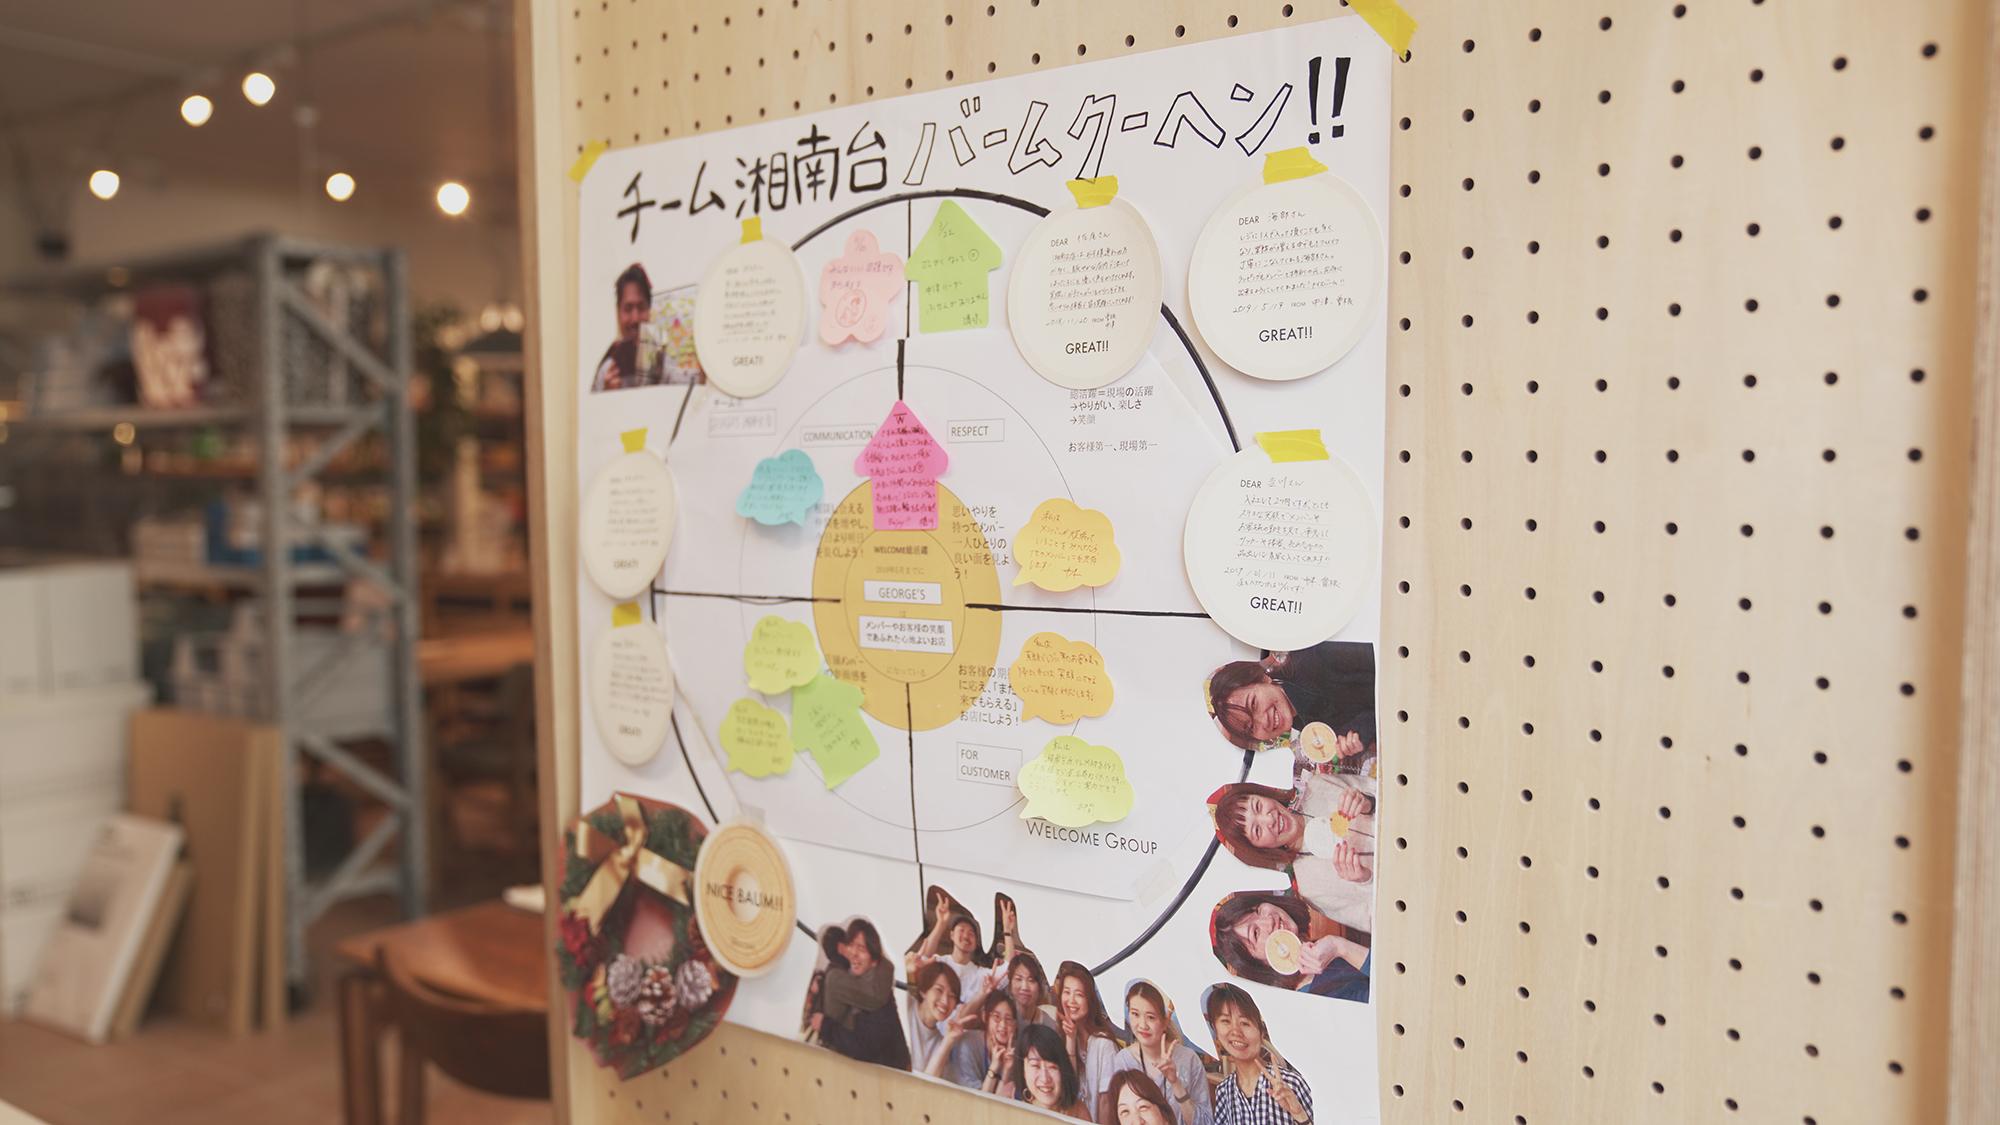 さらに店舗ごとに目標を設定、付箋を使い一人ひとりが日々の行動目標を掲げました